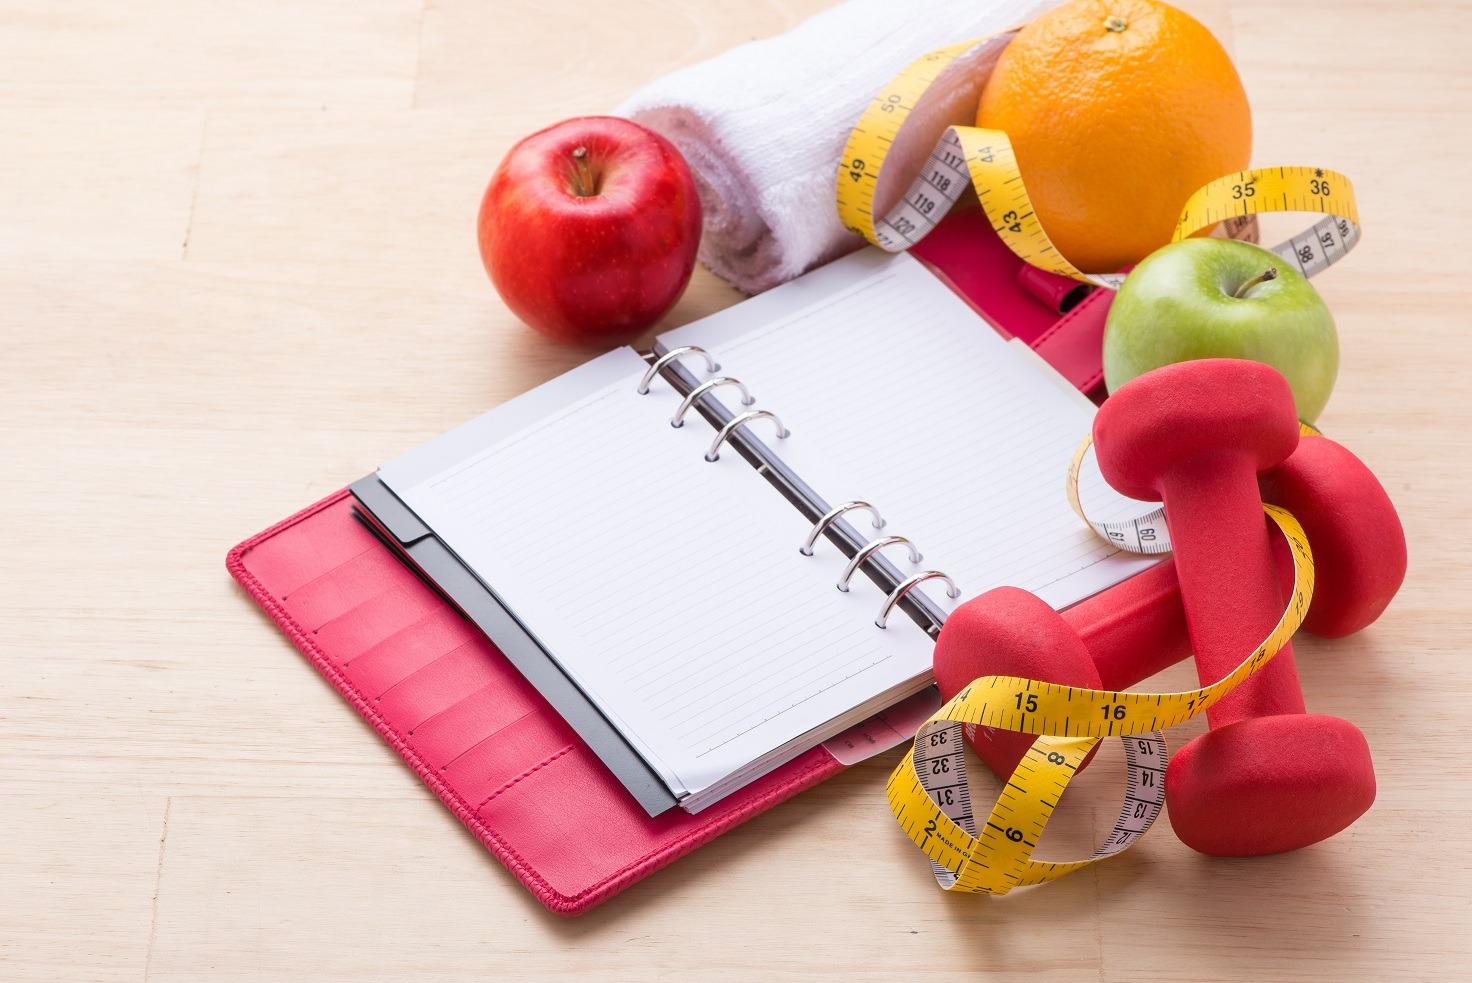 nitro tech ajută la pierderea în greutate rambursarea pierderii în greutate bcbs